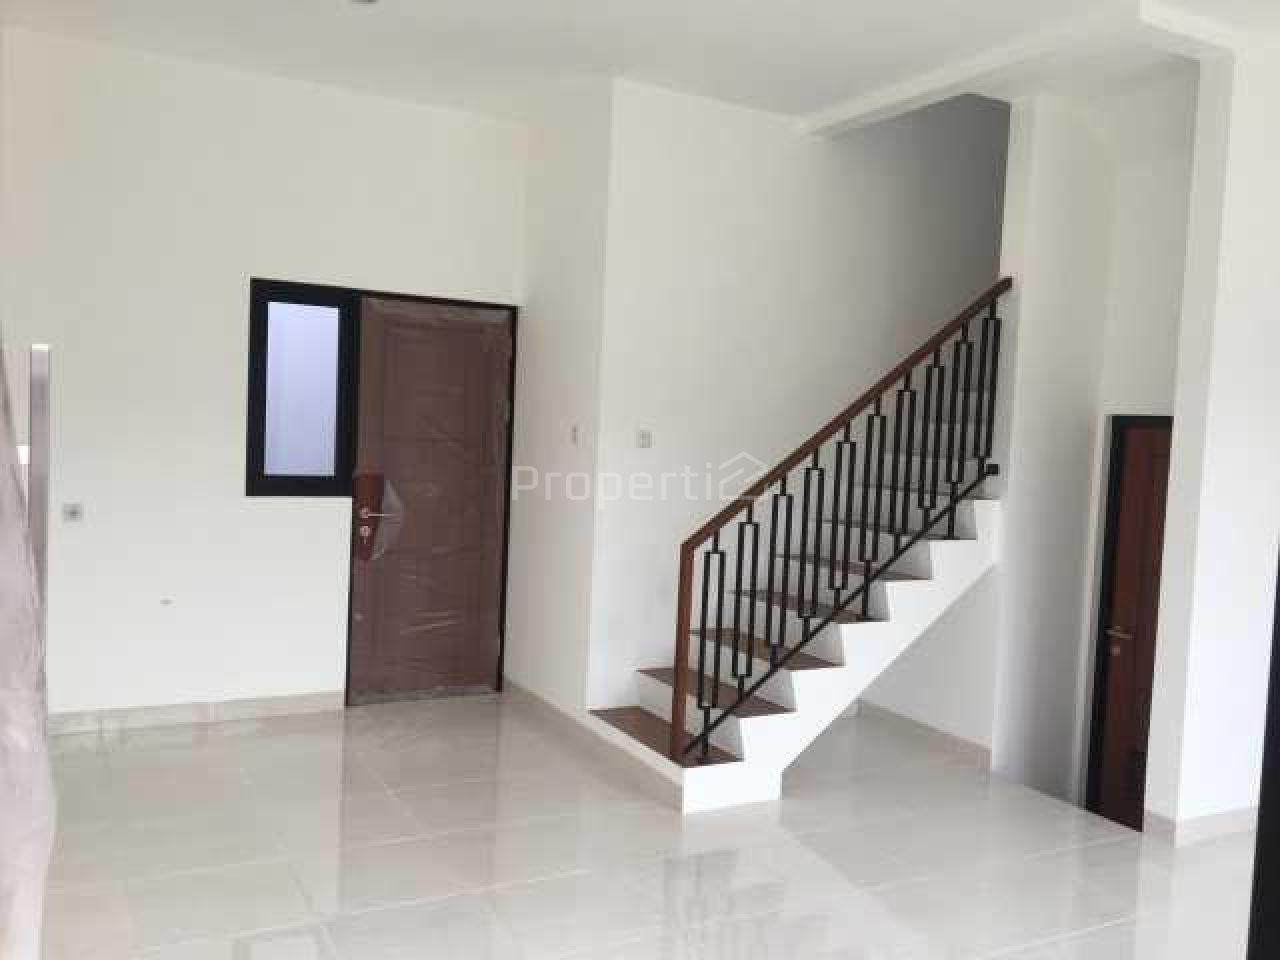 Rumah Baru Eksklusif 2 Lantai di Lenteng Agung, Jakarta Selatan